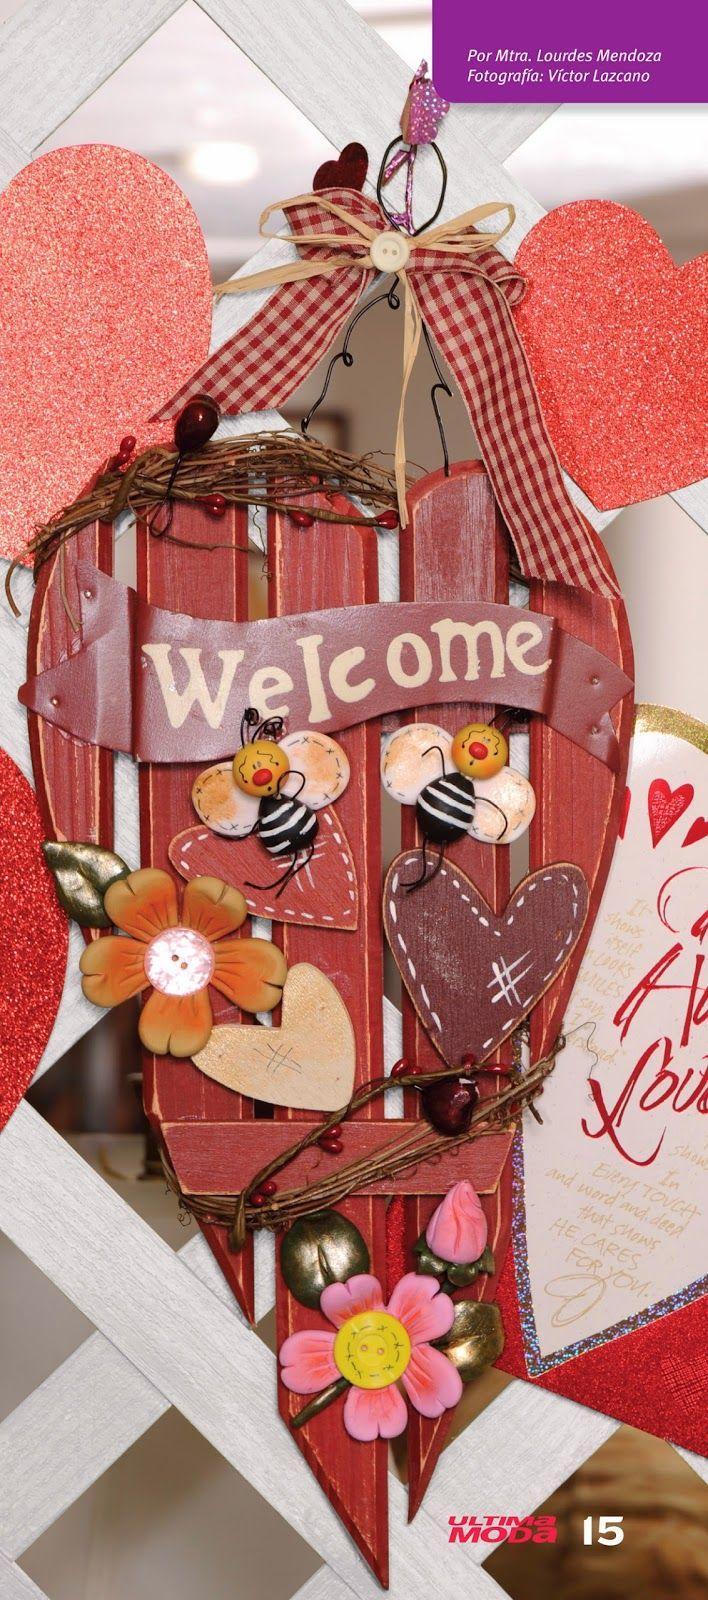 Regala este 14 de febrero detalles para el Amor y la Amistad hechos por tu misma, con materiales económicos, sencillos y prácticos. O bien c...